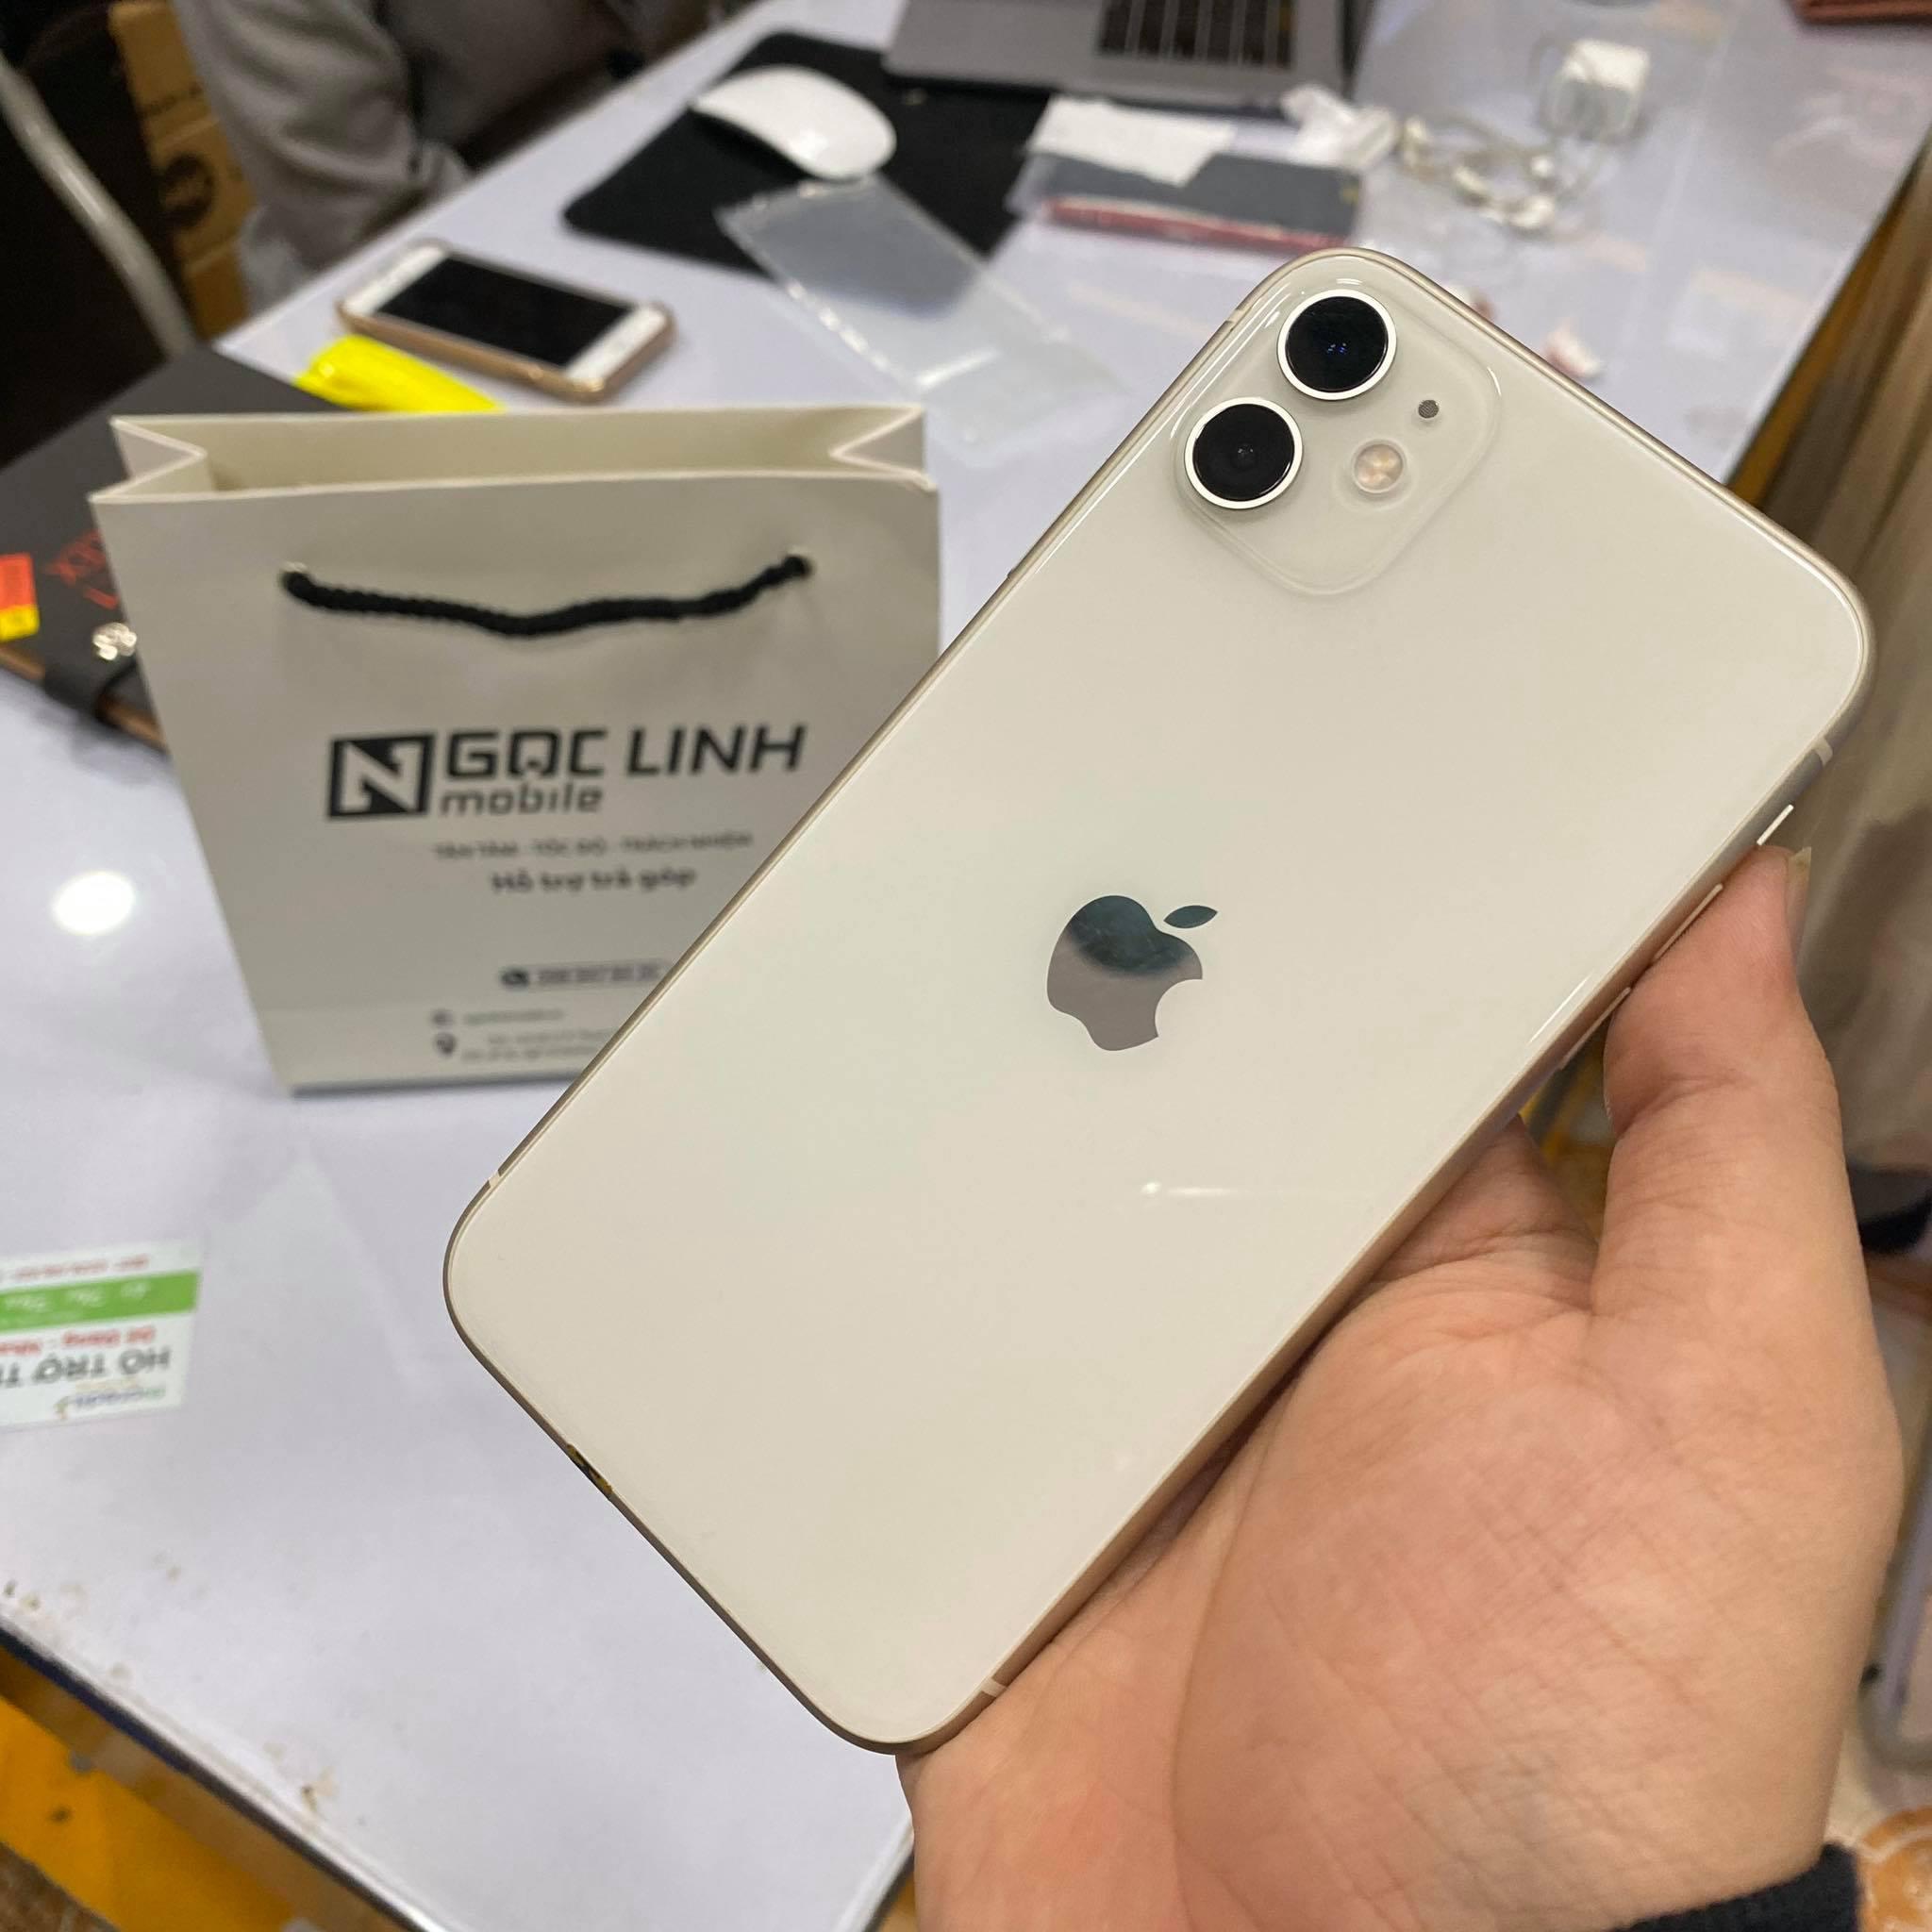 iPhone 11 iPhone 11 - iPhone 11 đang là sản phẩm đáng mua nhất năm 2019